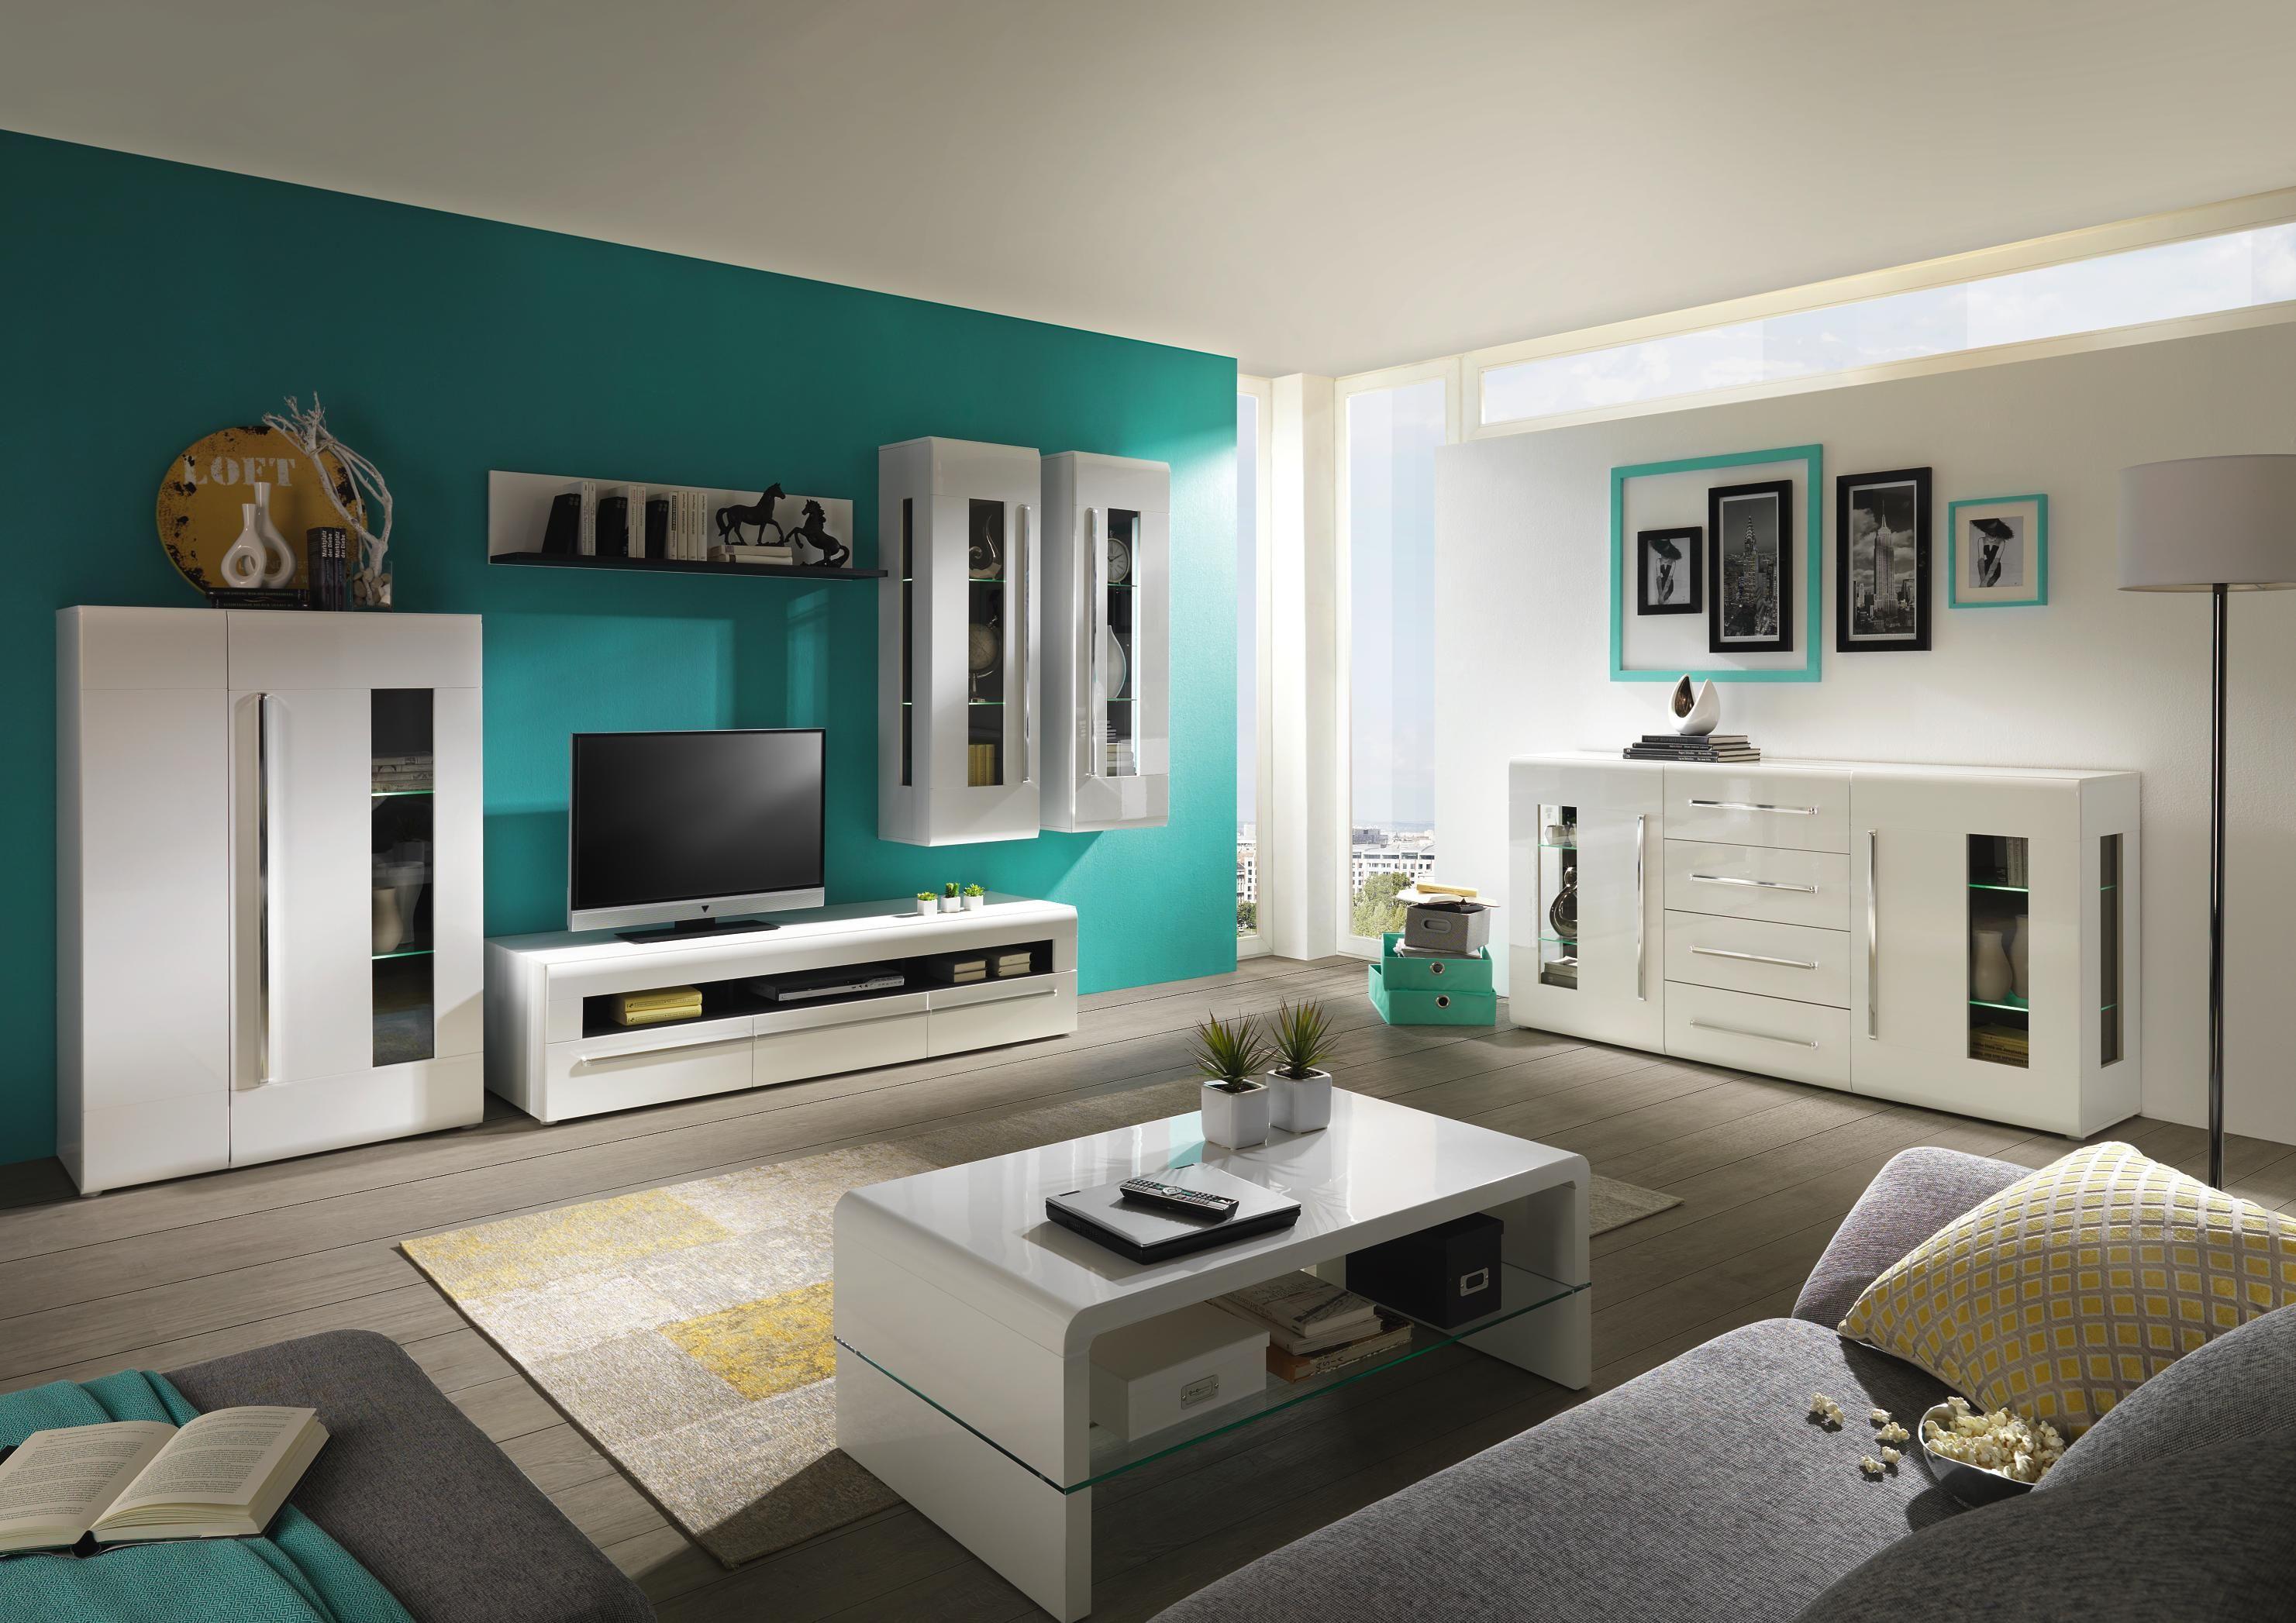 gro z gige wohnwand in wei f r ihr modernes wohnzimmer wohnw nde pinterest wohnzimmer. Black Bedroom Furniture Sets. Home Design Ideas